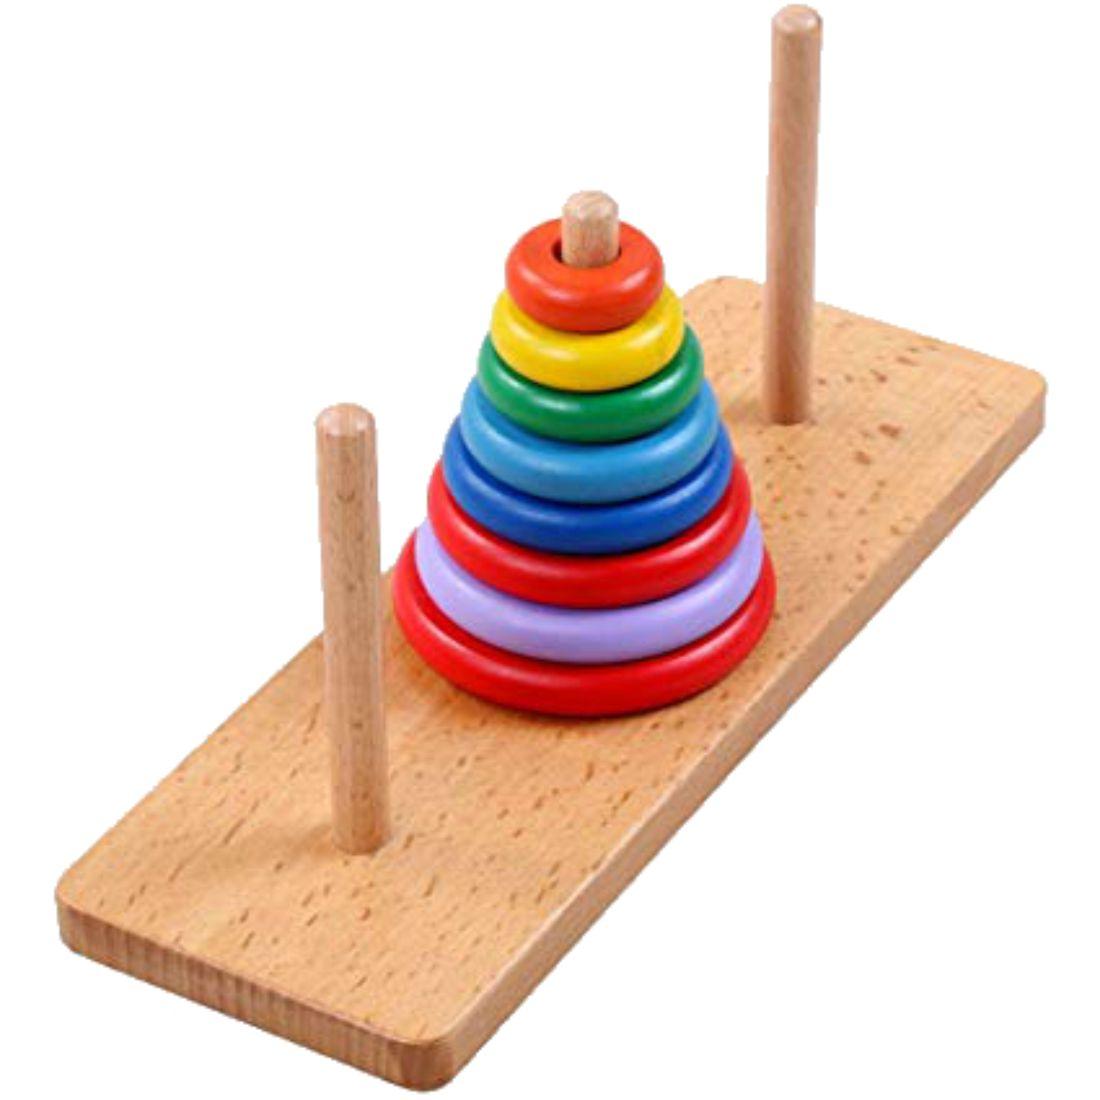 Brinquedo Educativo Torre de Hanói em Madeira - Blessed.